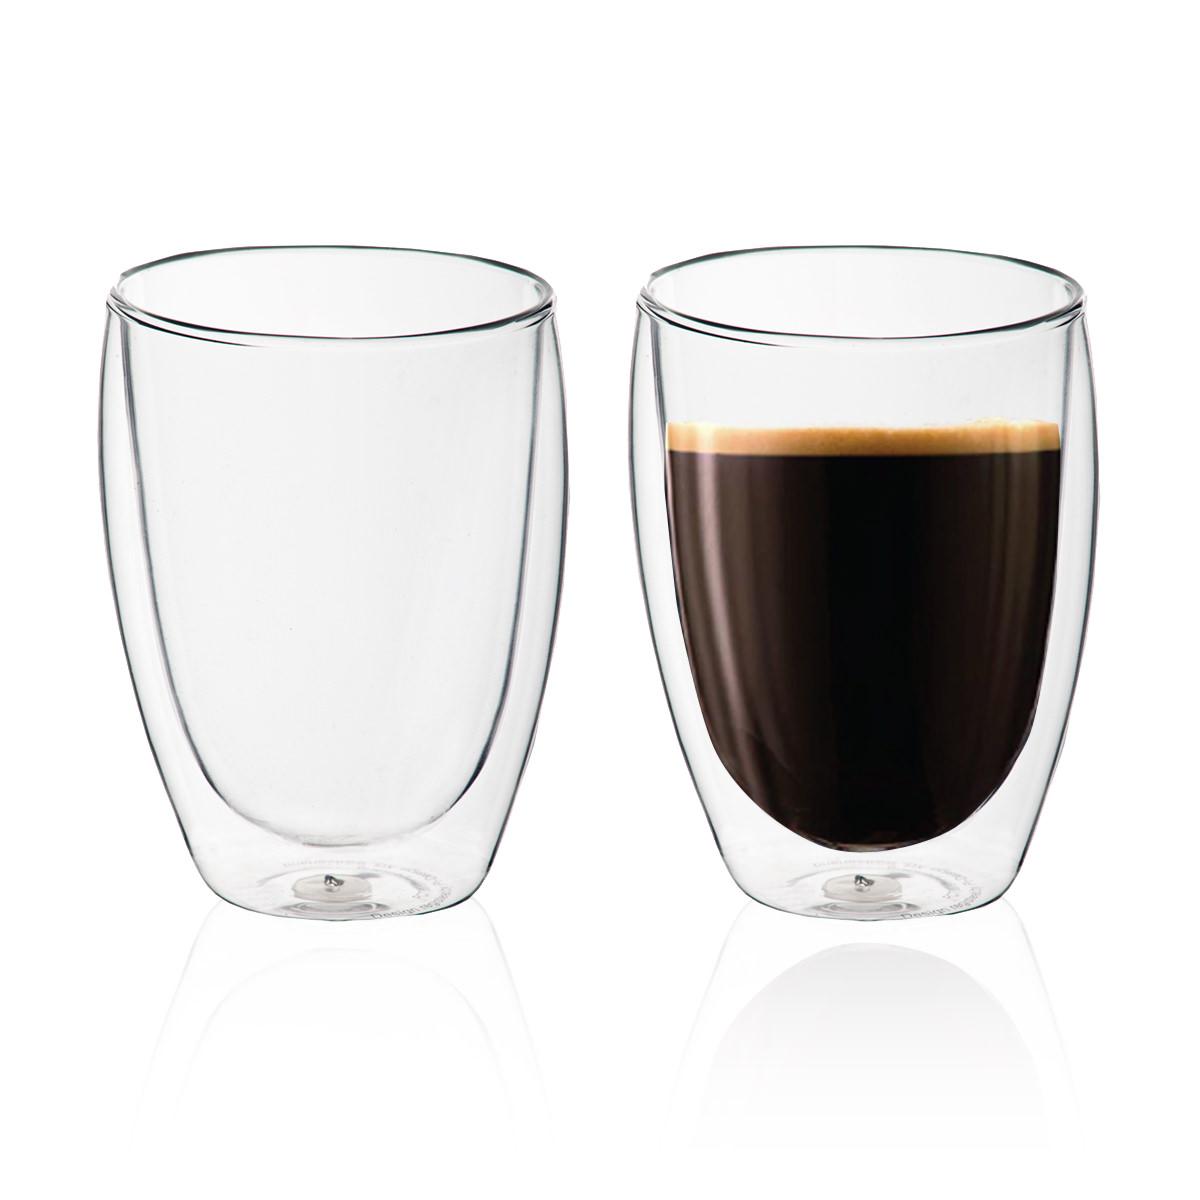 """זוג כוסות זכוכית עם דופן כפולה 350 מ""""ל - ויאטנם"""